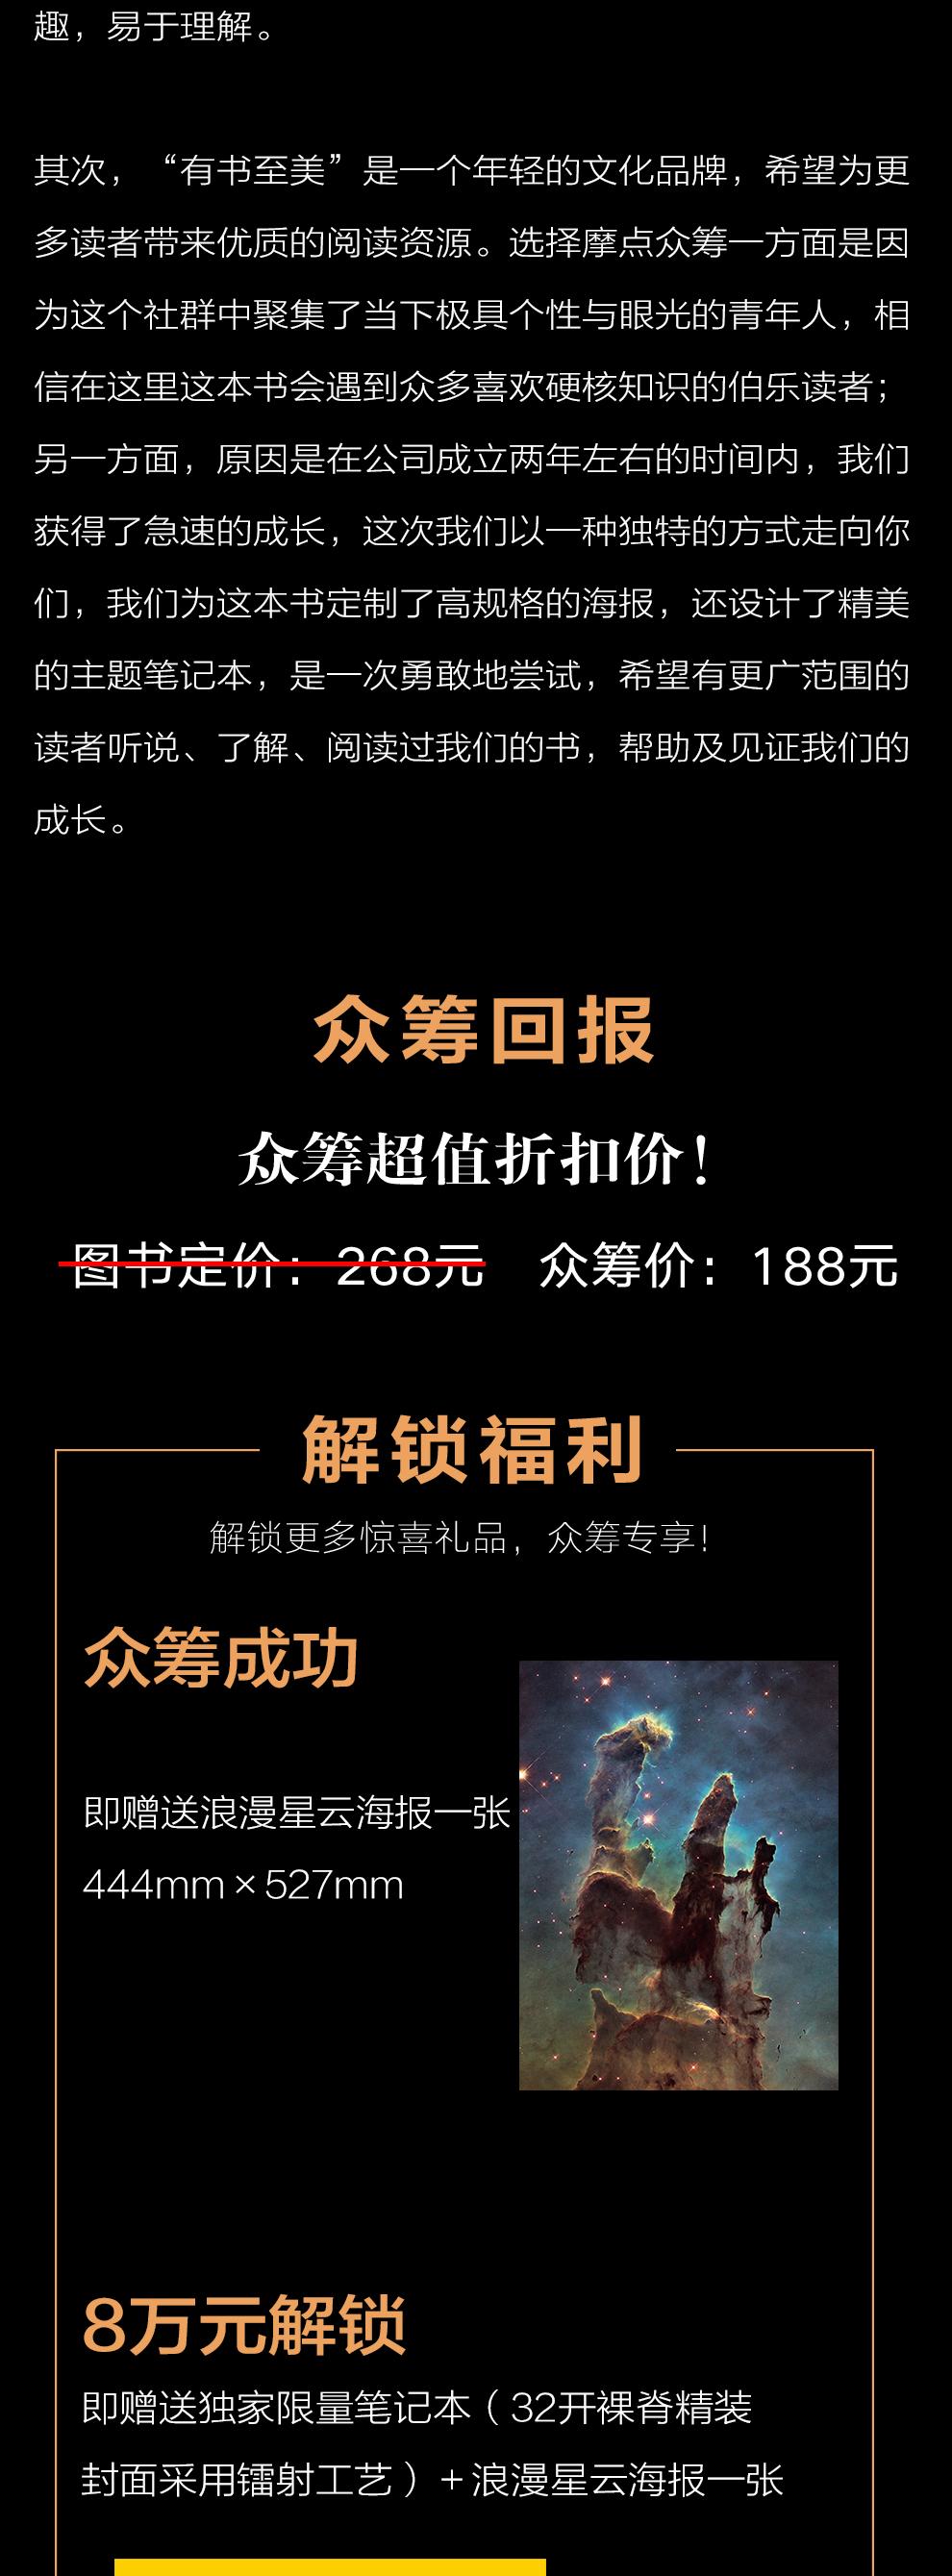 《DK全球自然奇观全探索》预售_09.jpg